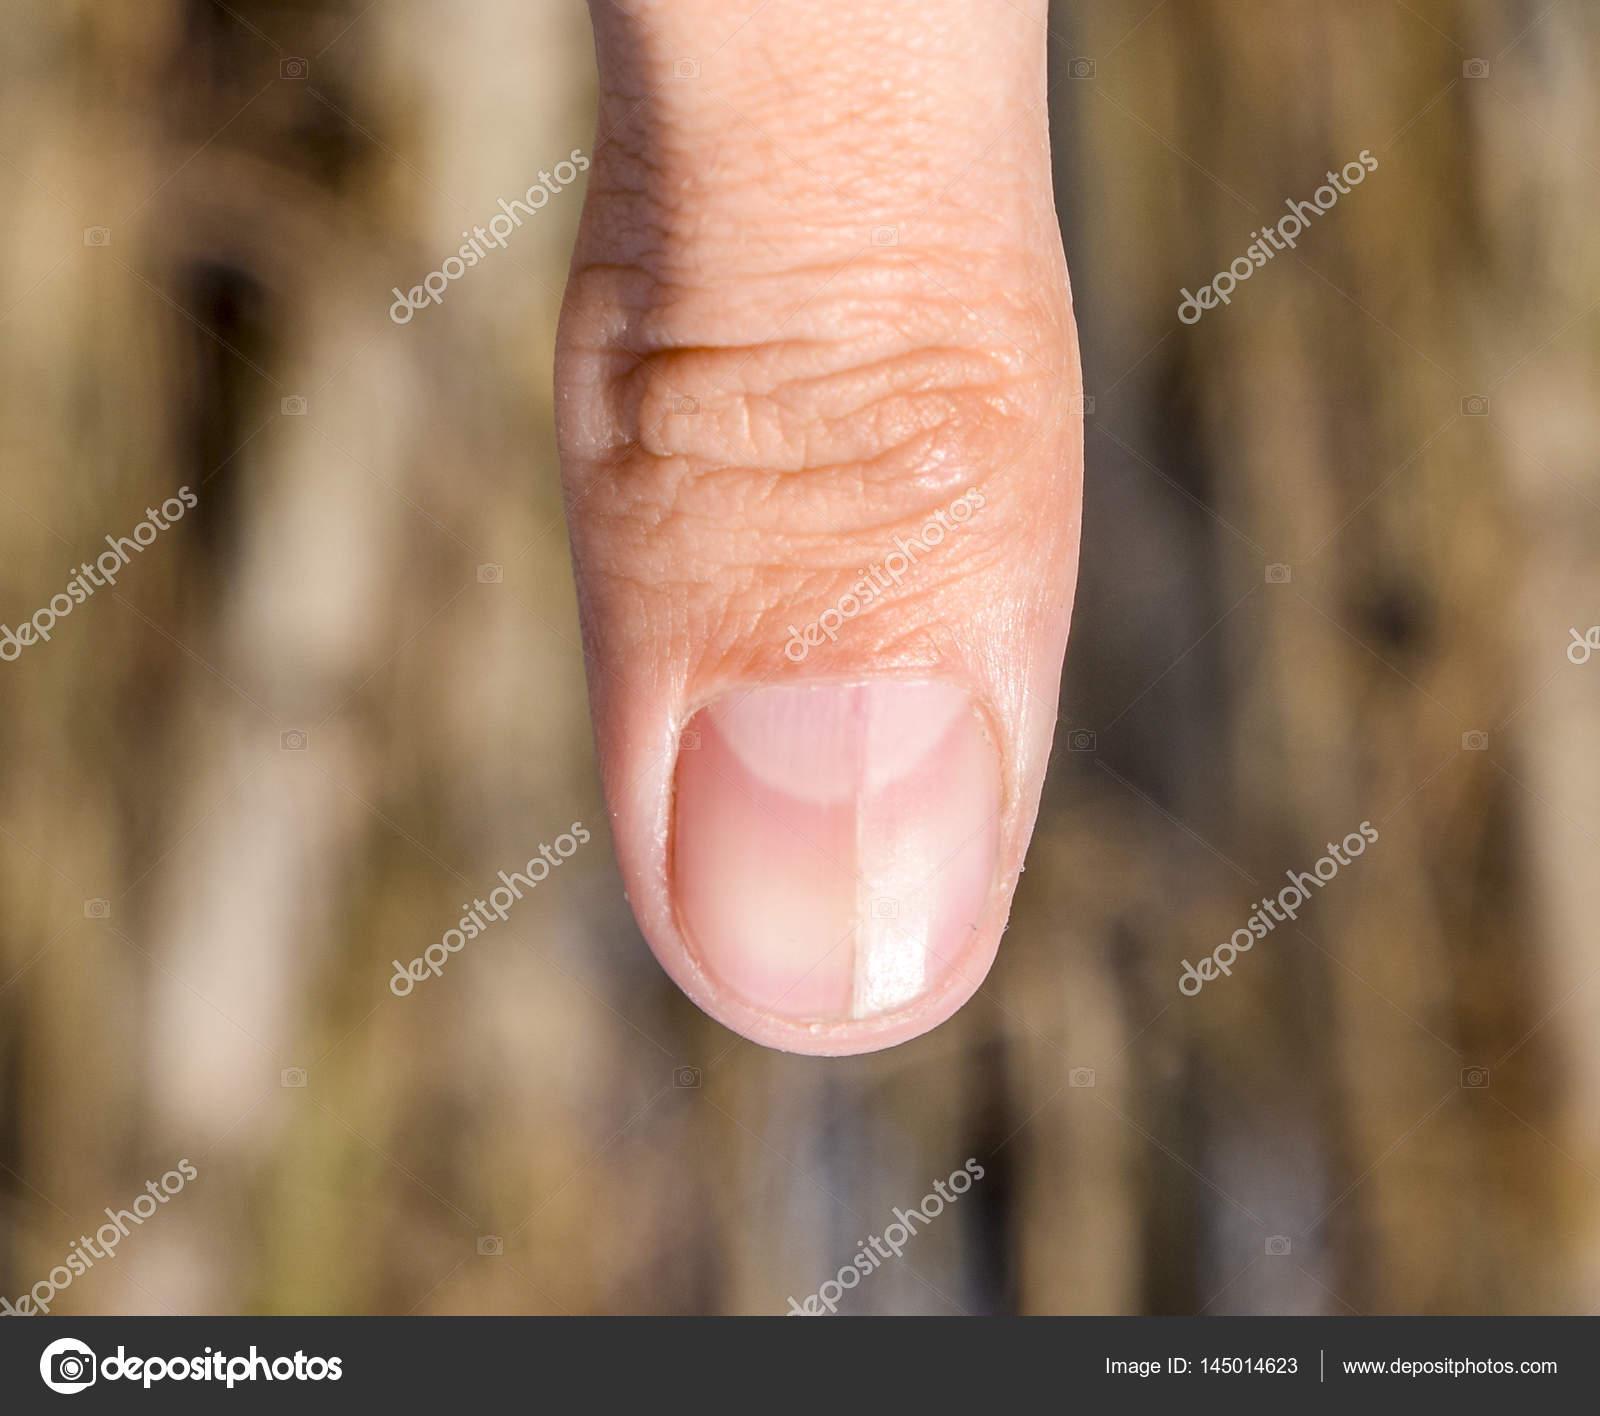 Forked Nail Thumb Dilation Nail Traumatic Pathology Nail Divided ...